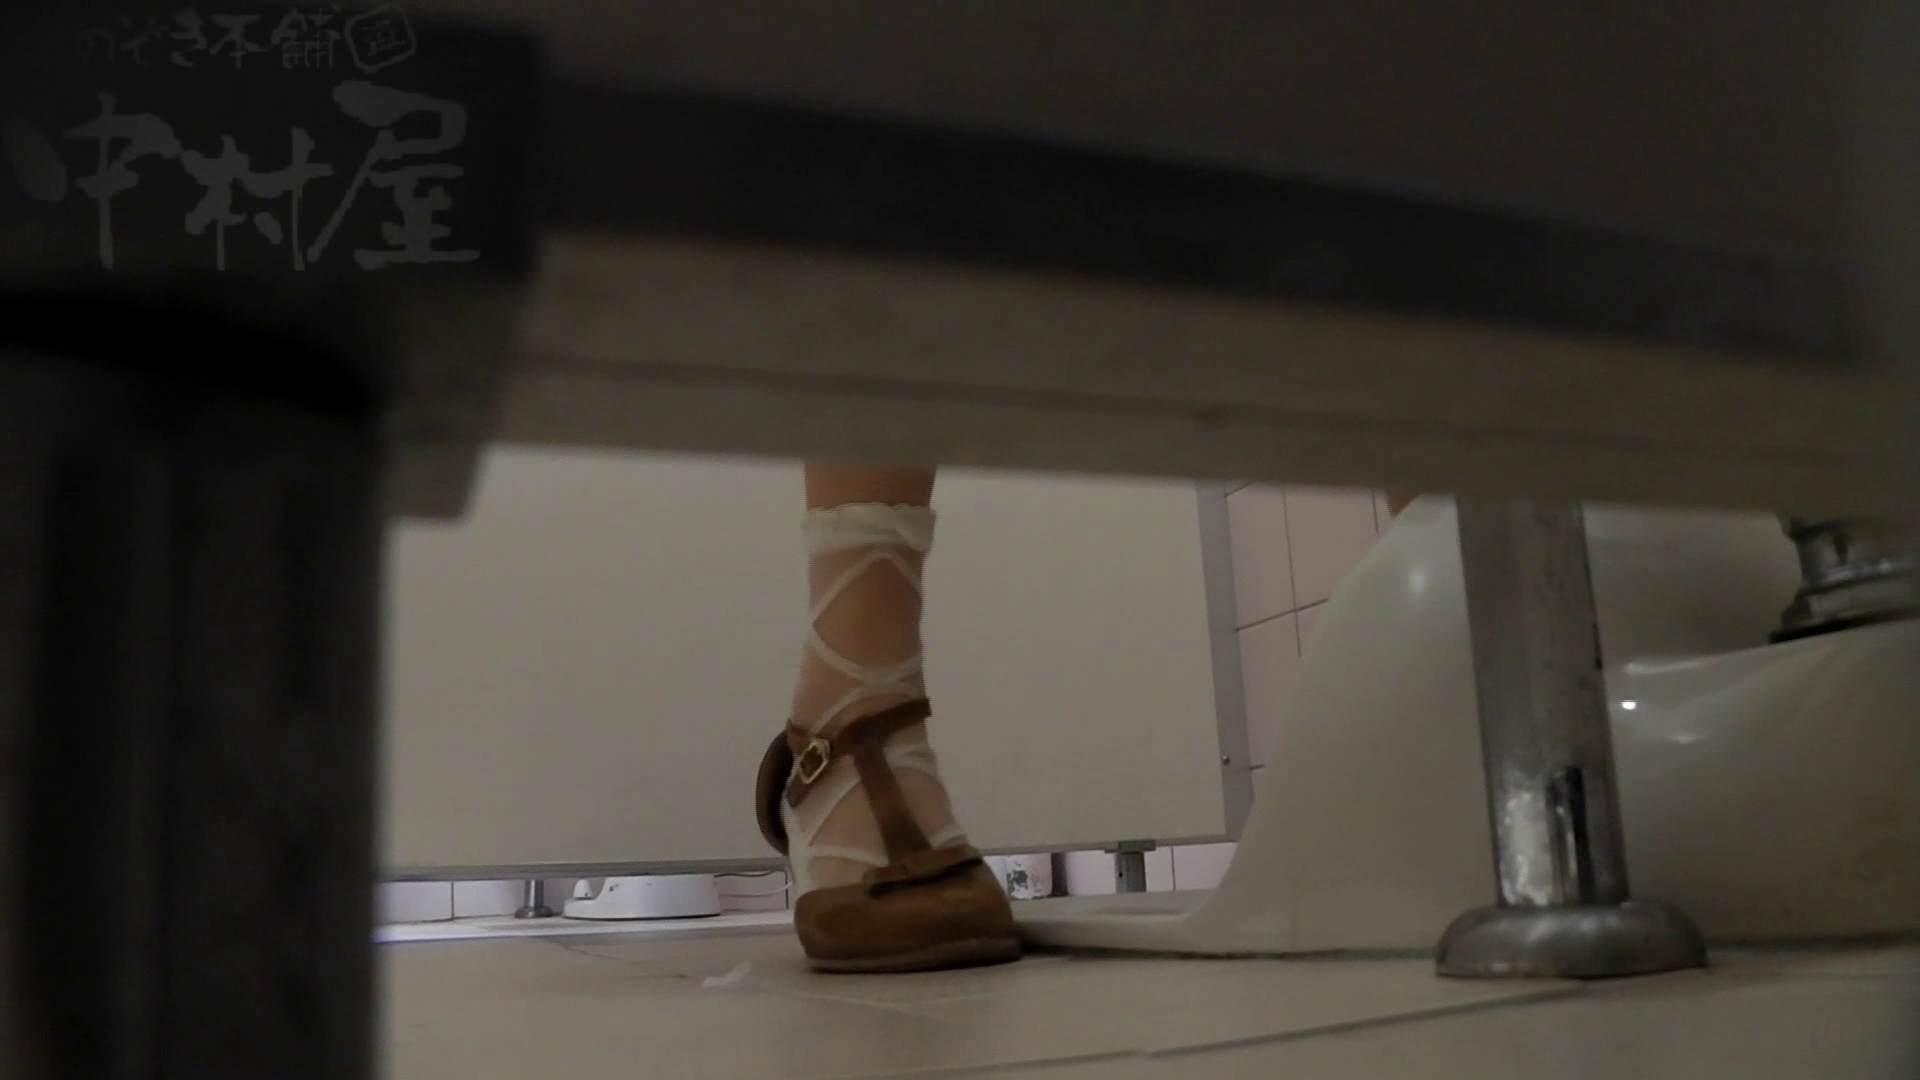 美しい日本の未来 No.29 豹柄サンダルはイ更●気味??? トイレ 盗撮 111PIX 18